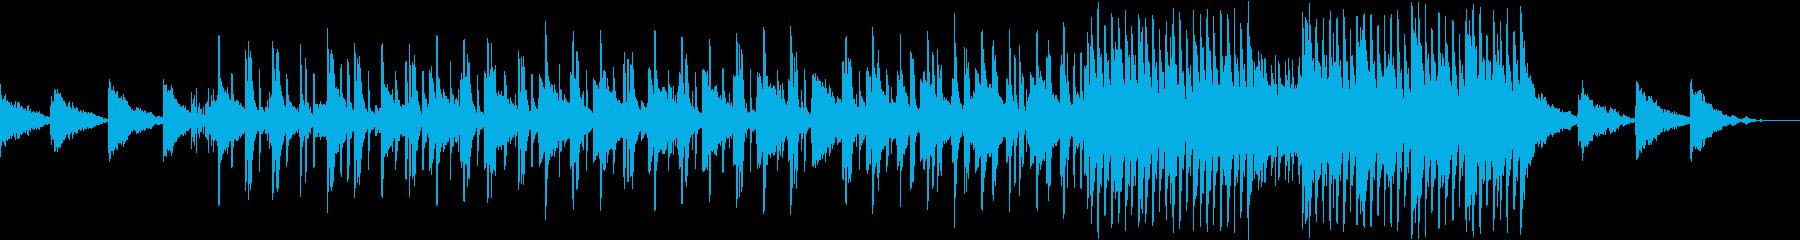 切ない雰囲気がして後半倍速になる曲の再生済みの波形